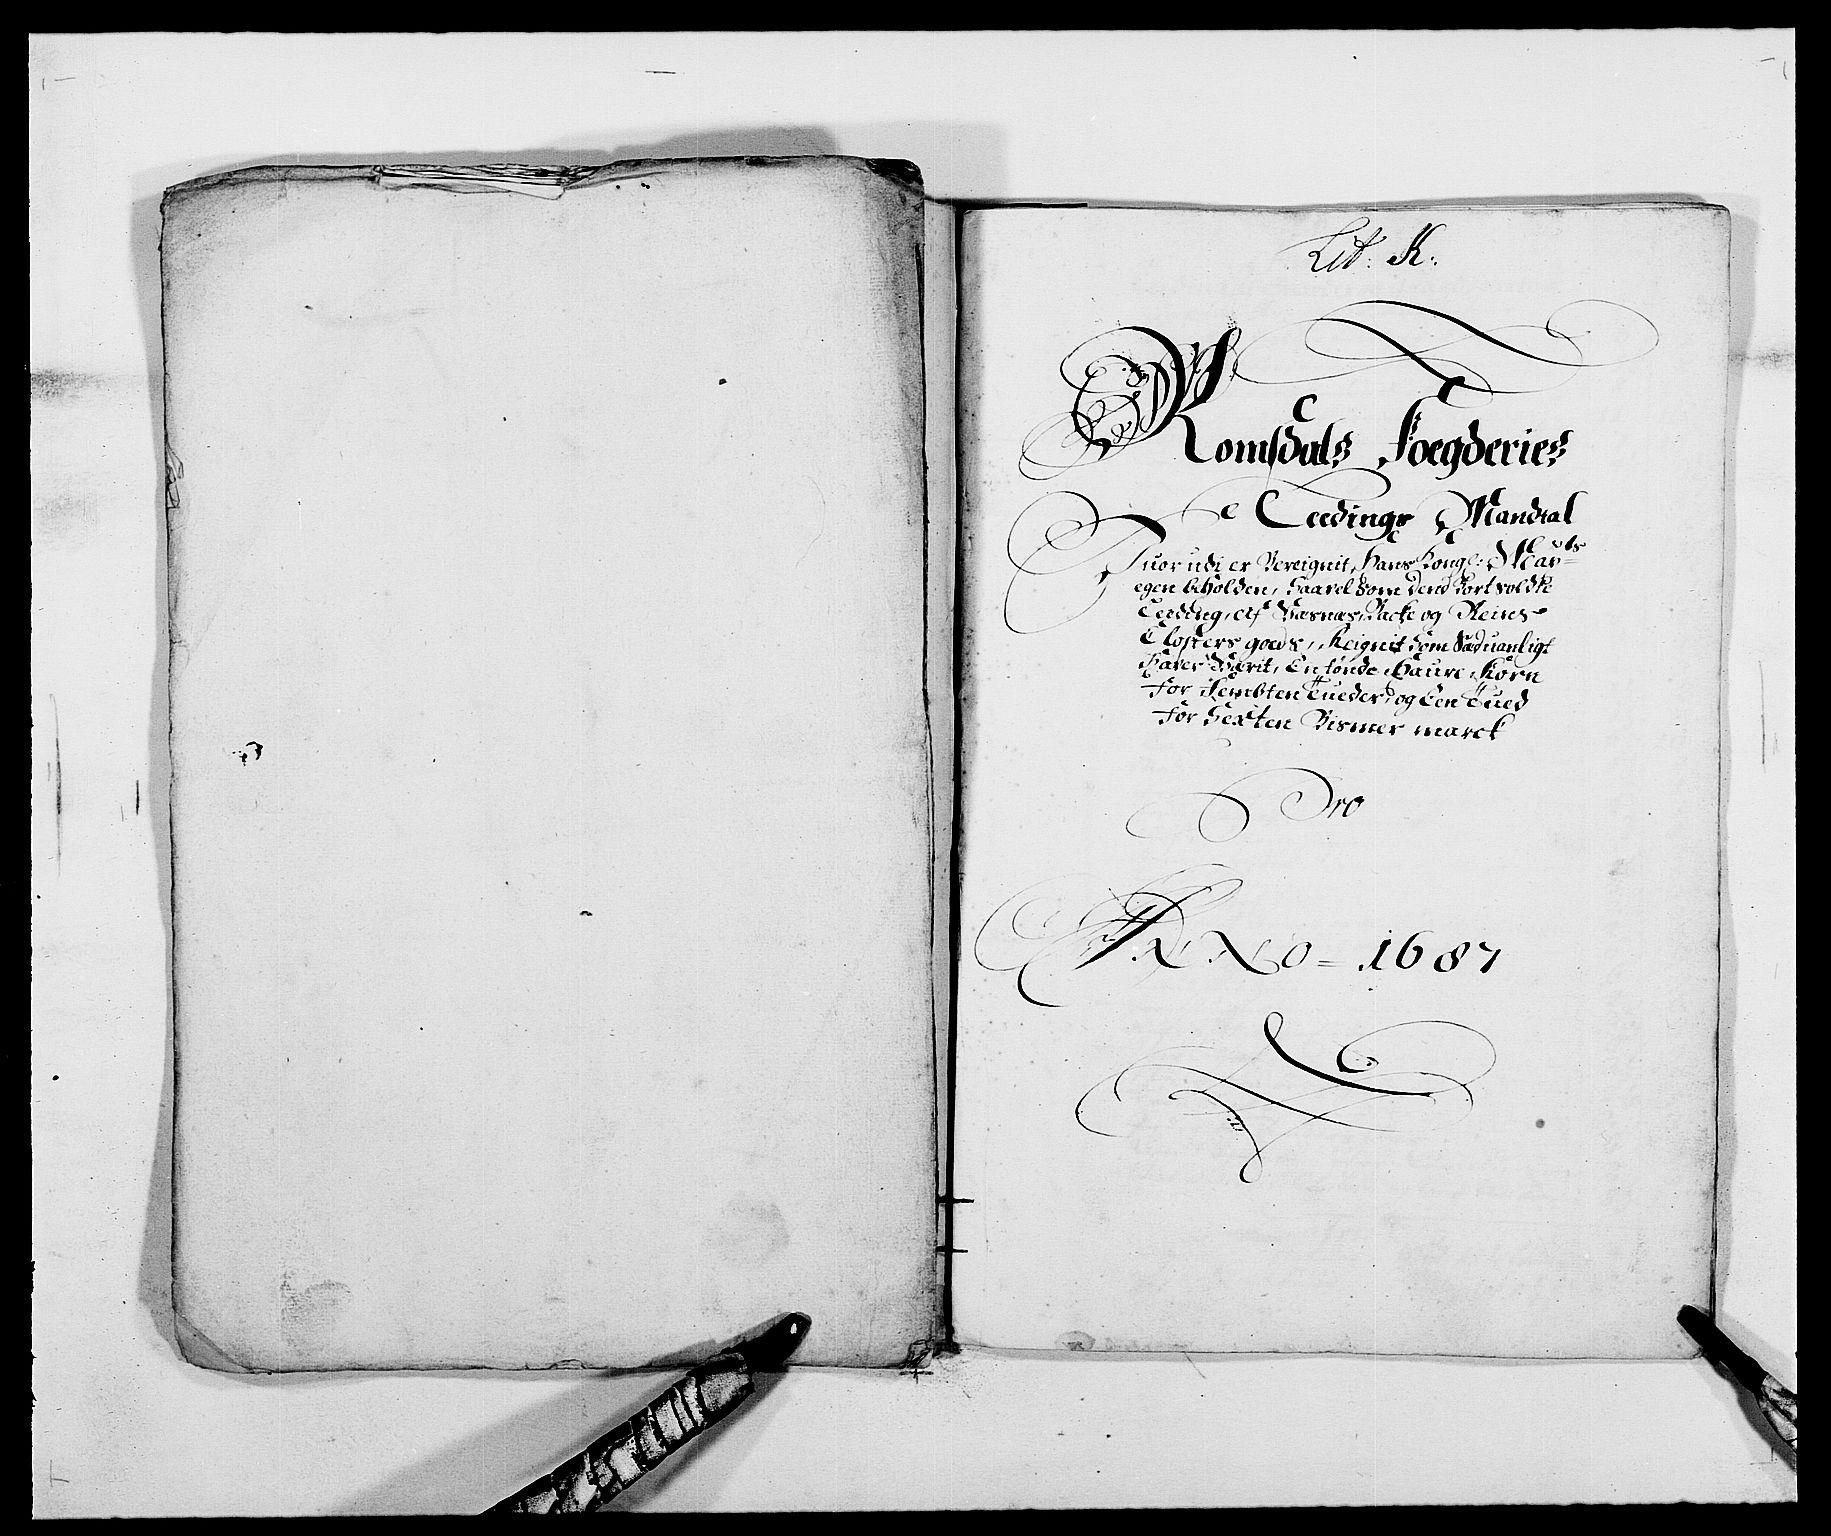 RA, Rentekammeret inntil 1814, Reviderte regnskaper, Fogderegnskap, R55/L3648: Fogderegnskap Romsdal, 1687-1689, s. 115